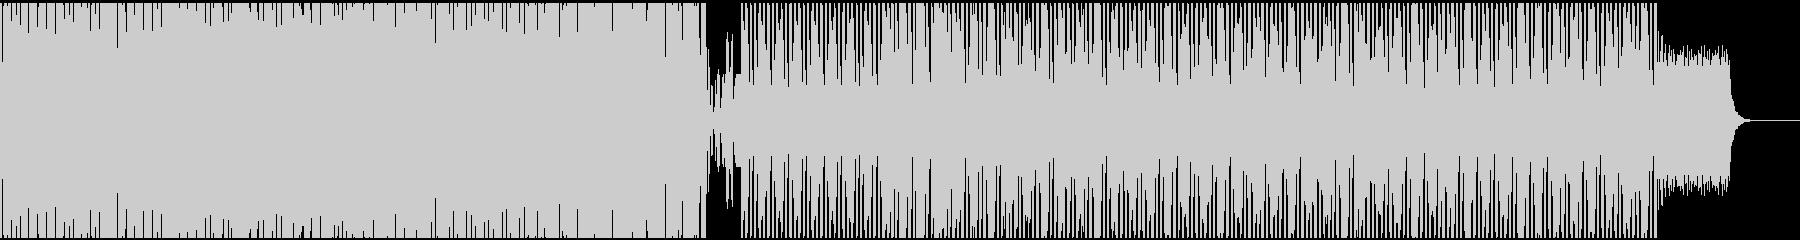 クールで、やや暗めなアンビテクノサウンドの未再生の波形